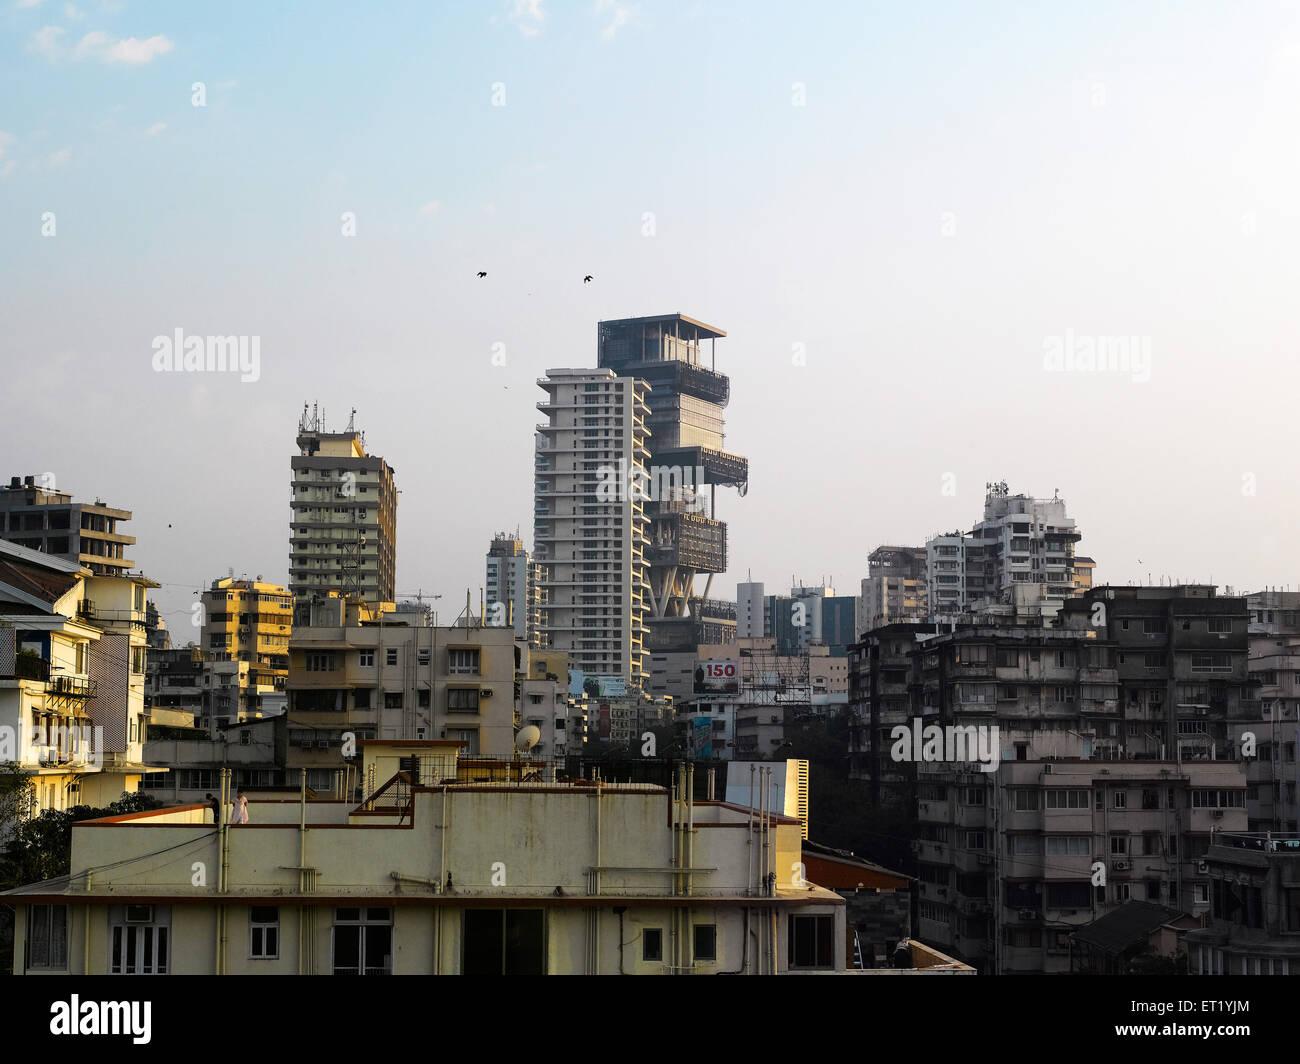 Antilla new house of mukesh ambani at altamount road Bombay Mumbai  ; Maharashtra  ; India NOPR - Stock Image